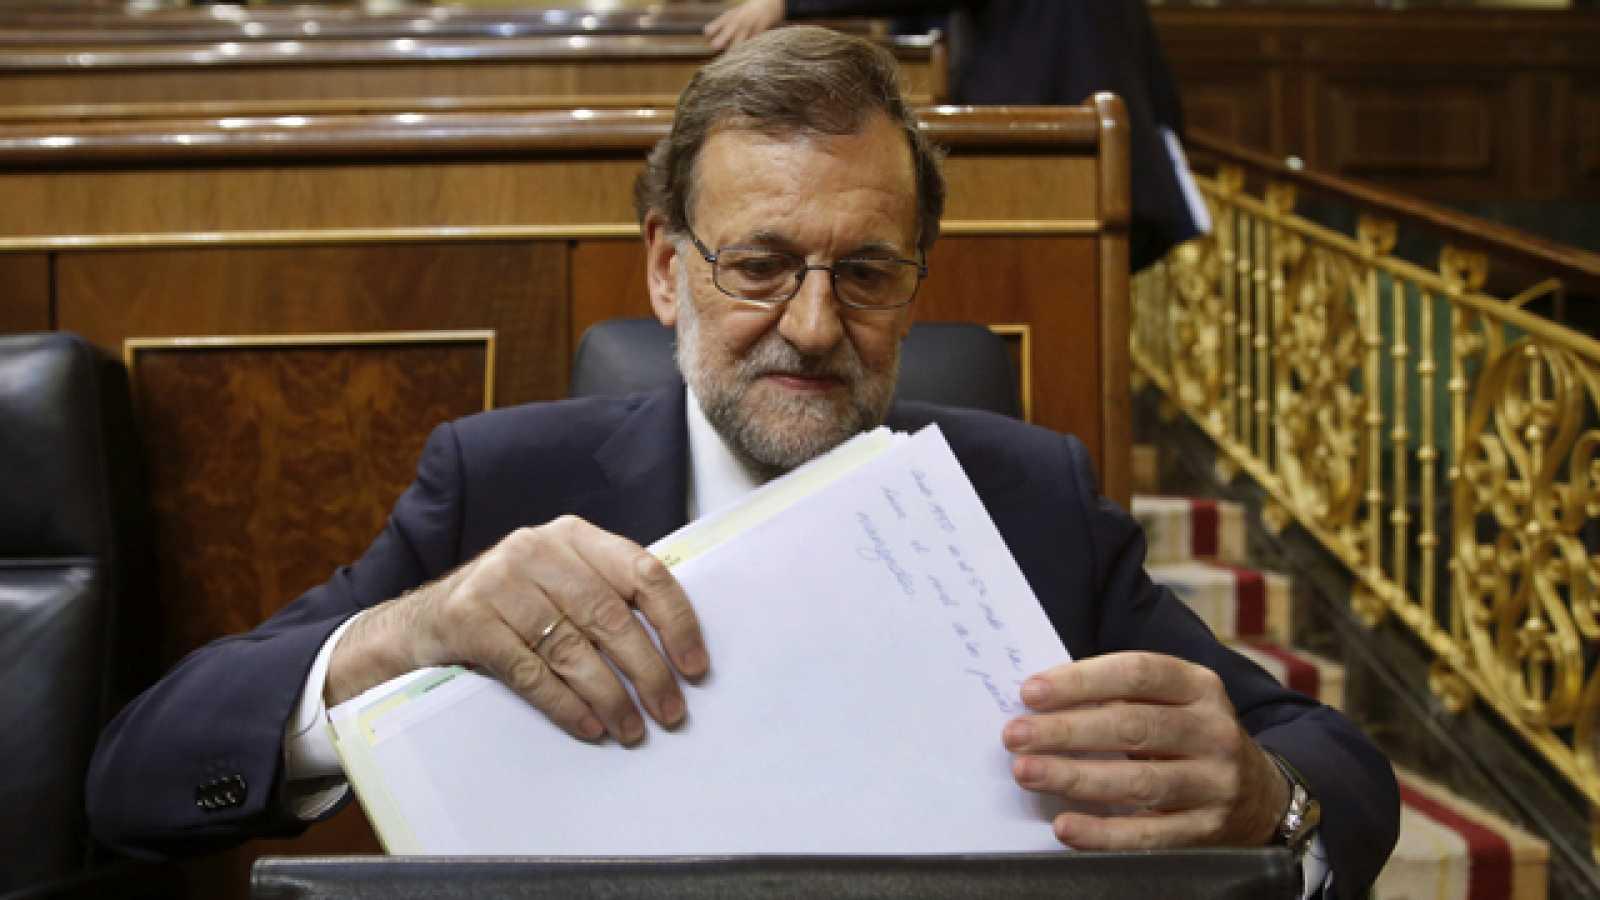 Rajoy fracasa en la primera votación por mayoría absoluta y habrá nueva votación el próximo viernes